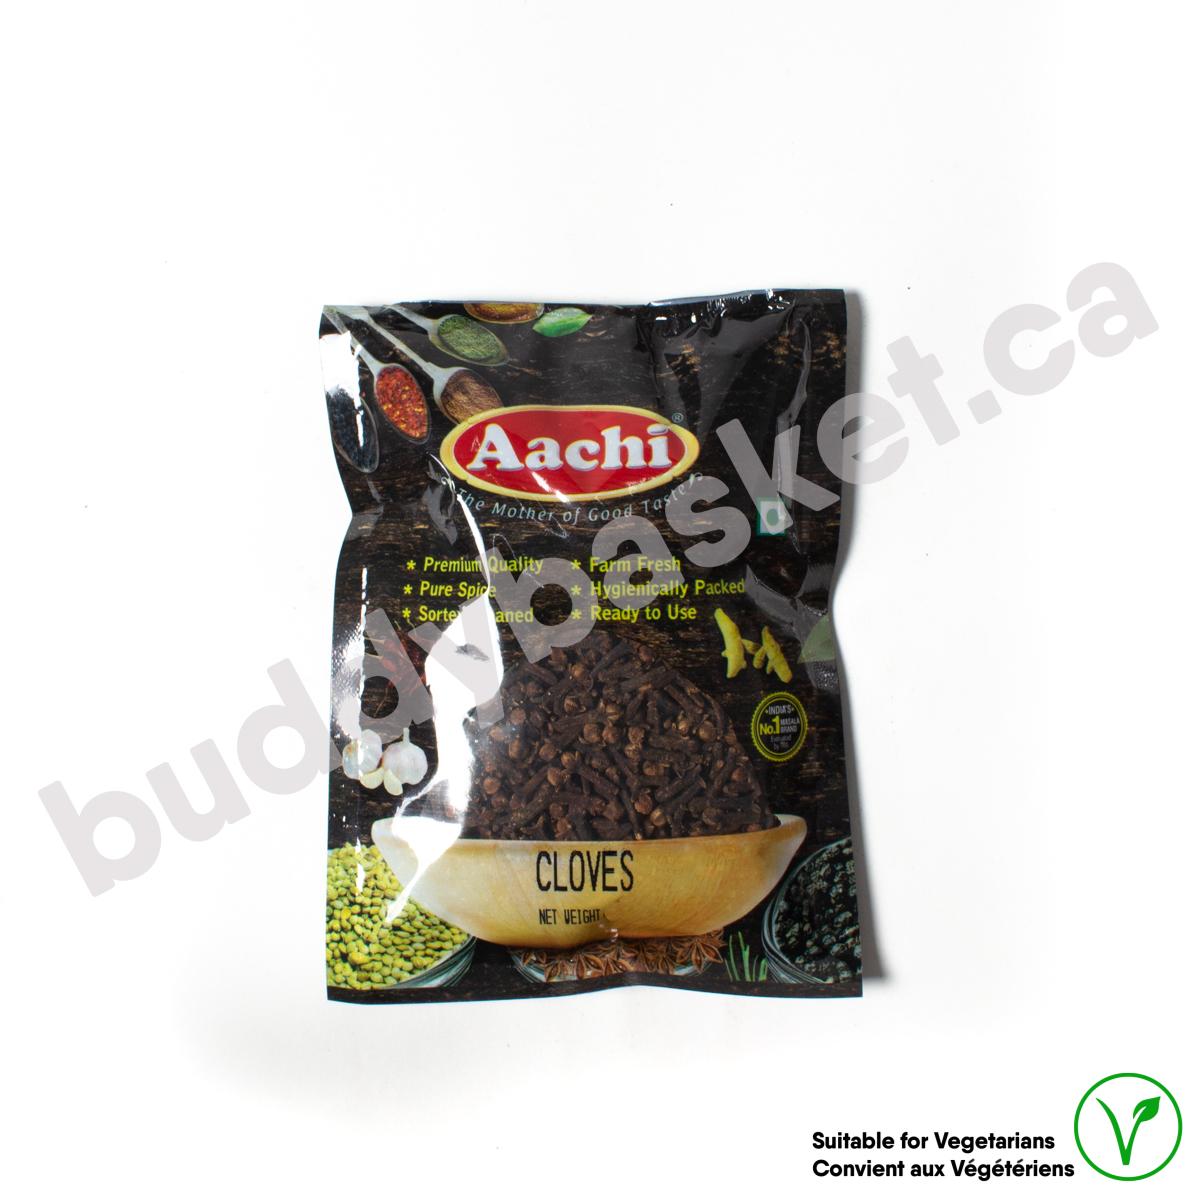 AACHI CLOVES 100g